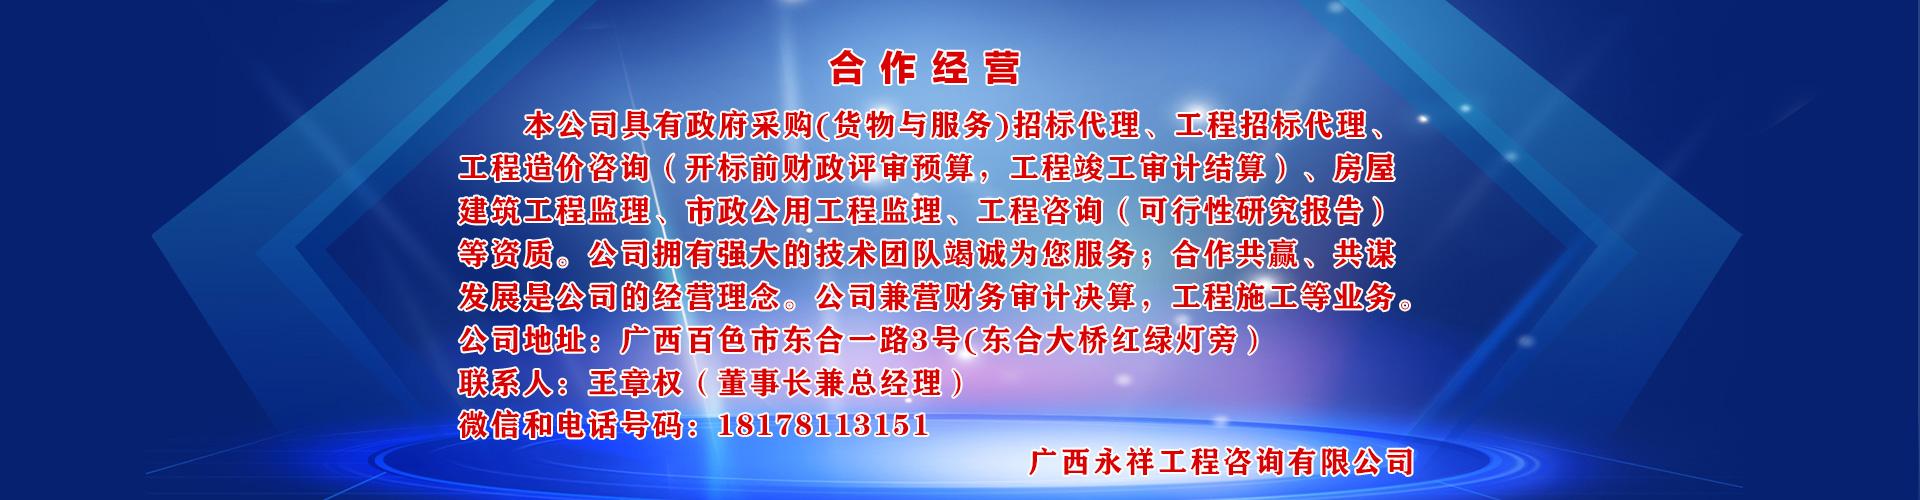 广西工程咨询,广西工程招标代理,广西工程监理